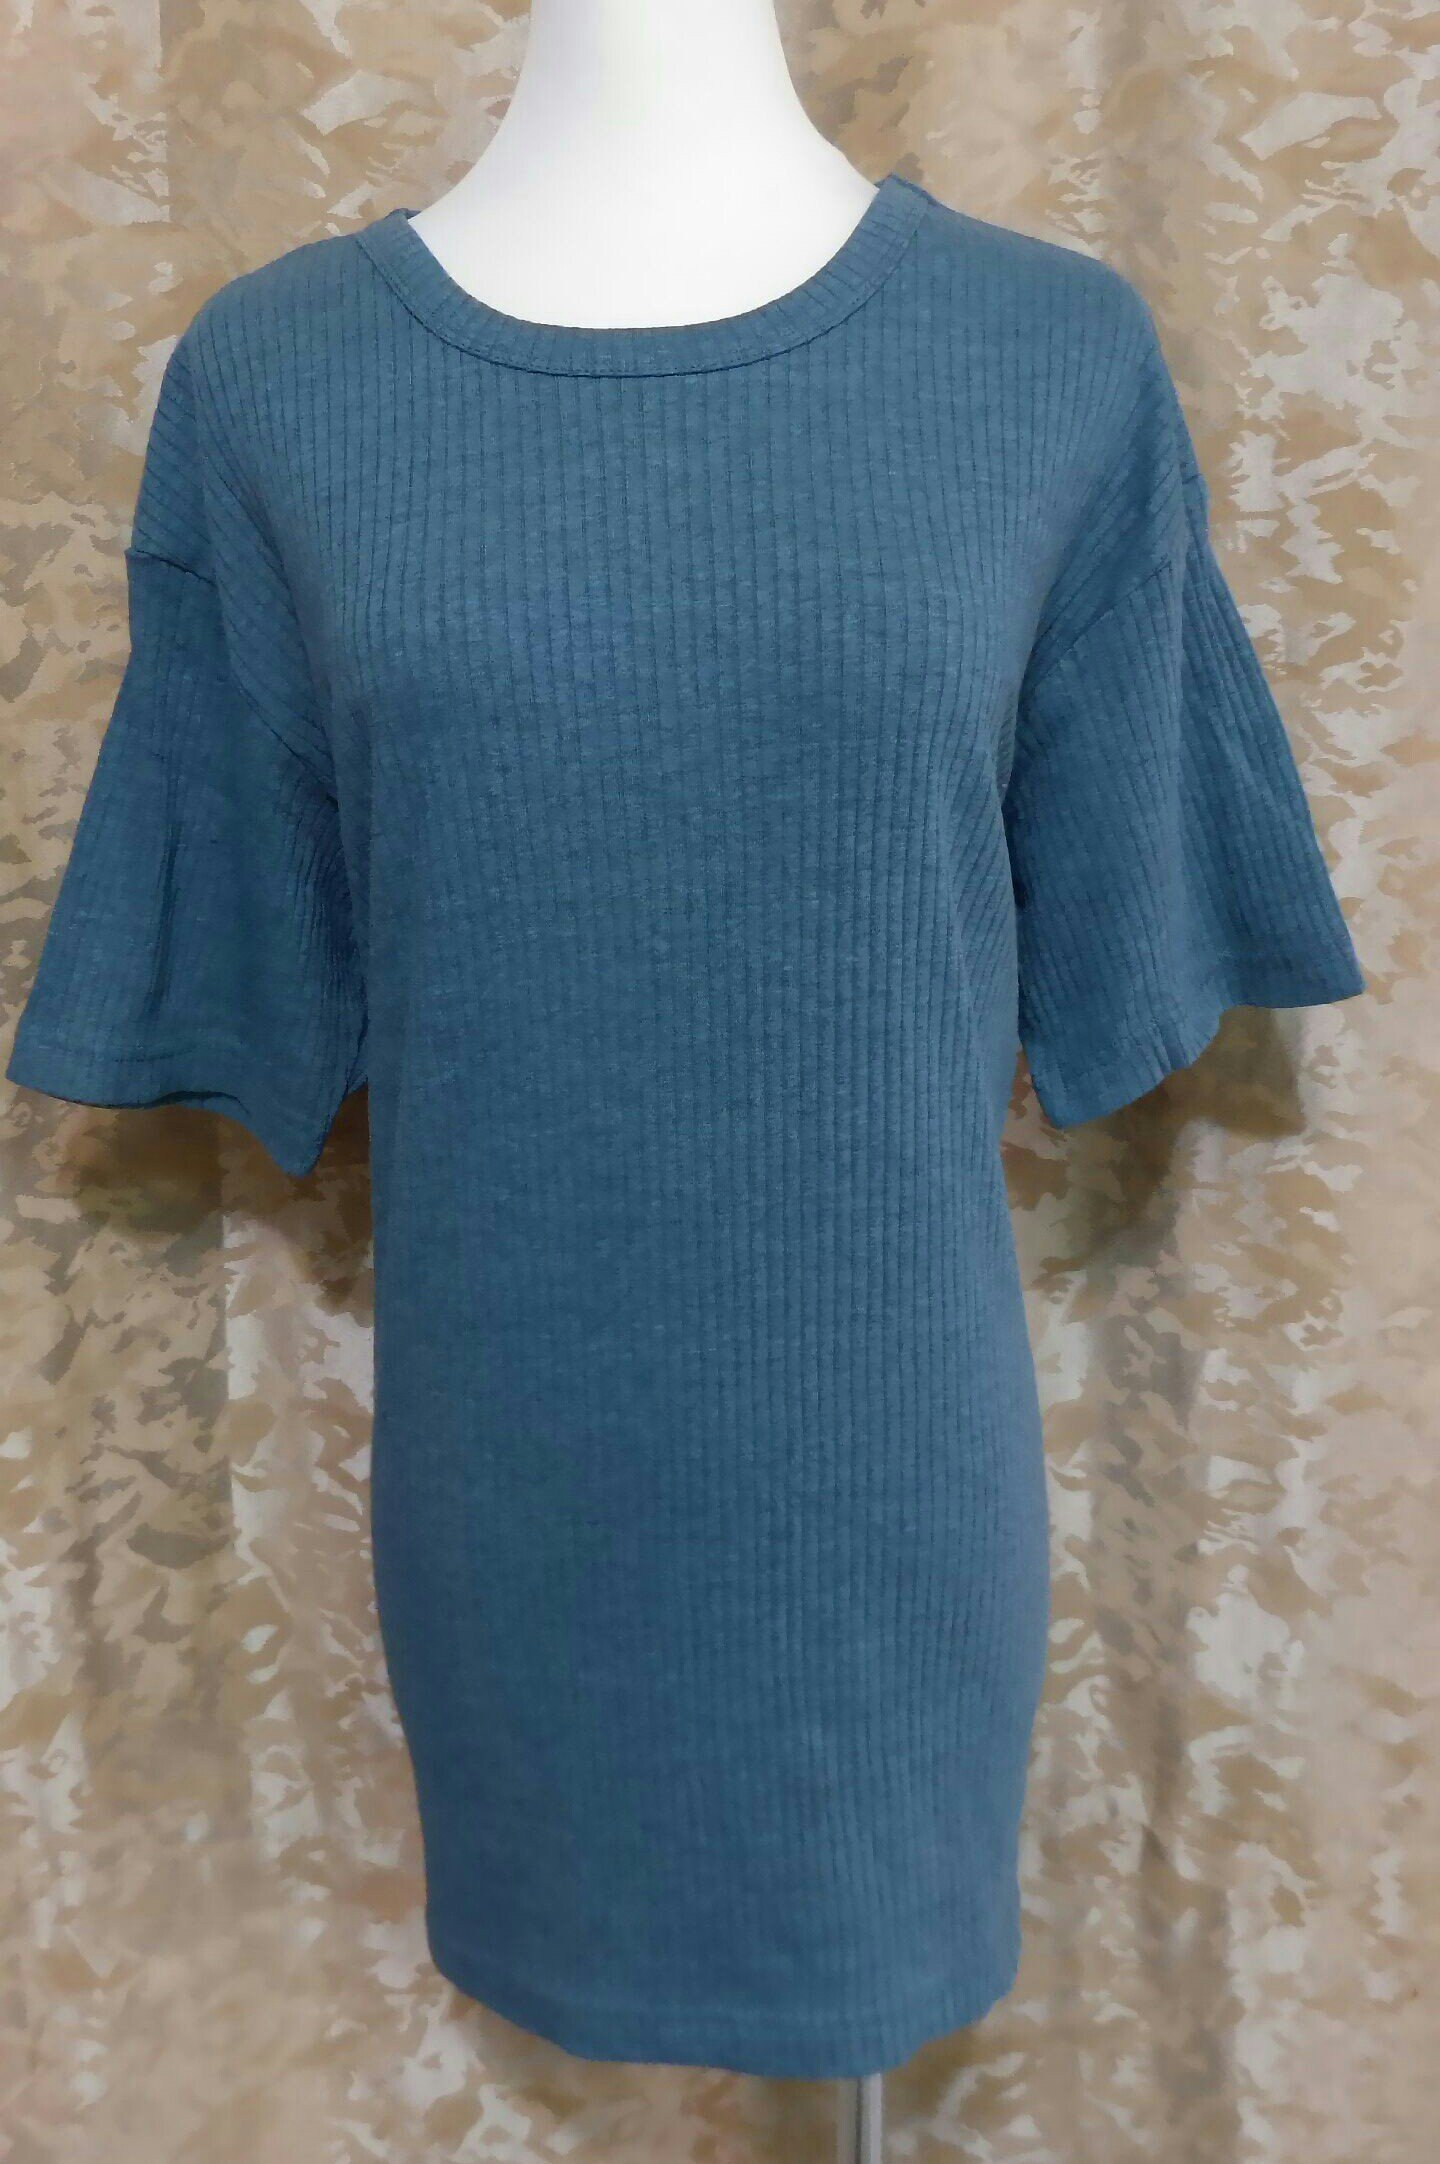 ~麗麗ㄉ大碼舖~大尺寸S-XL(42-50吋)灰藍 鐵灰 白色羅紋圓領短袖彈性上衣~